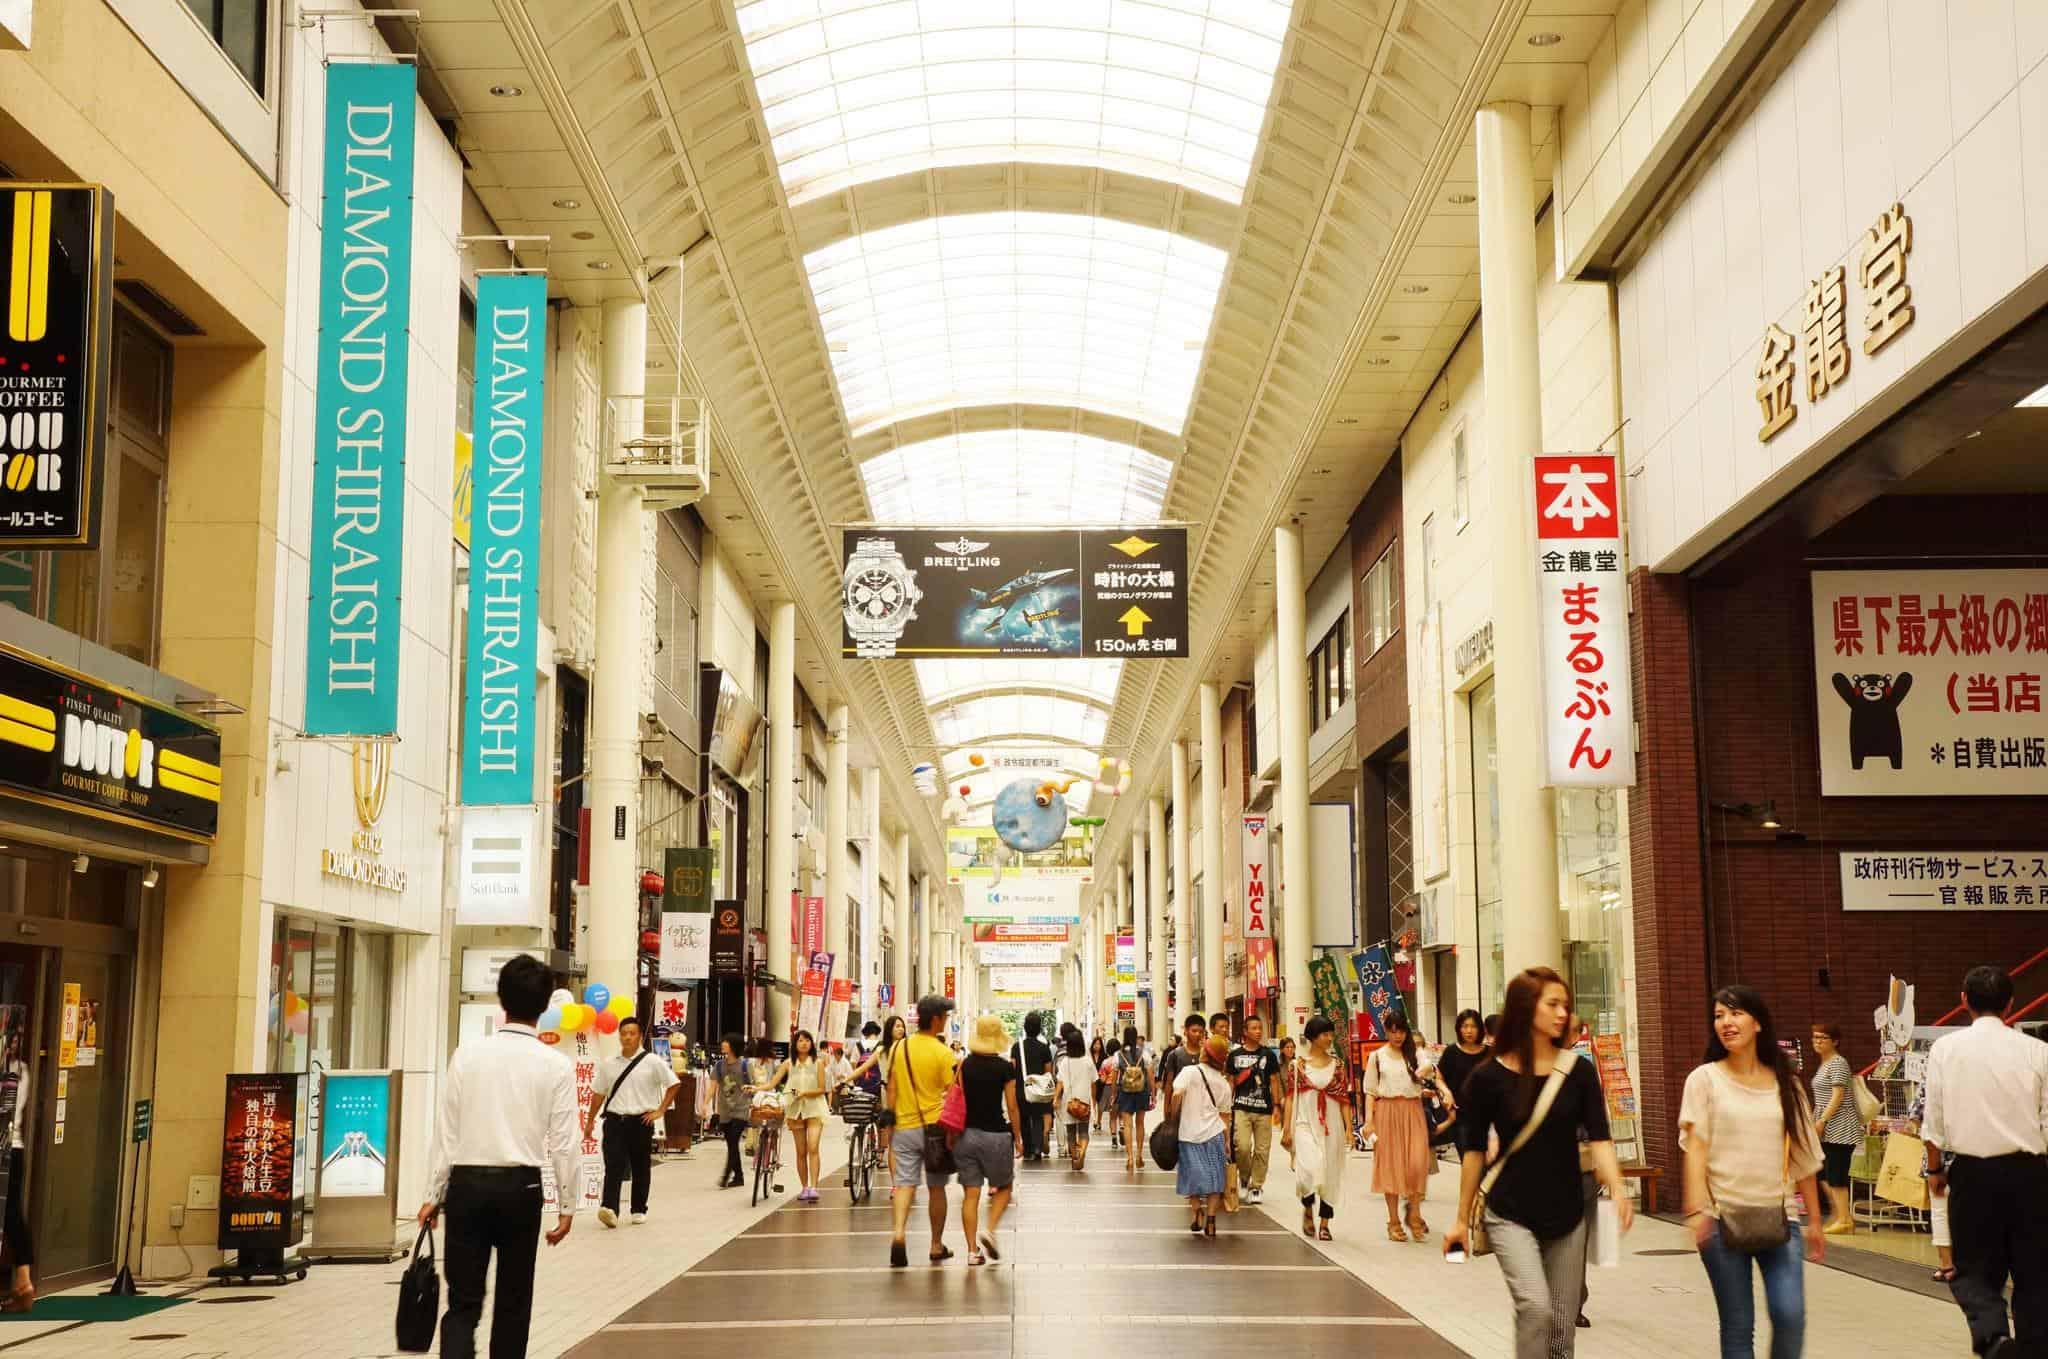 โชเทนไก 'Kamitori' และ 'Shimotori' ในเมืองคุมาโมโตะ (Kumamoto)